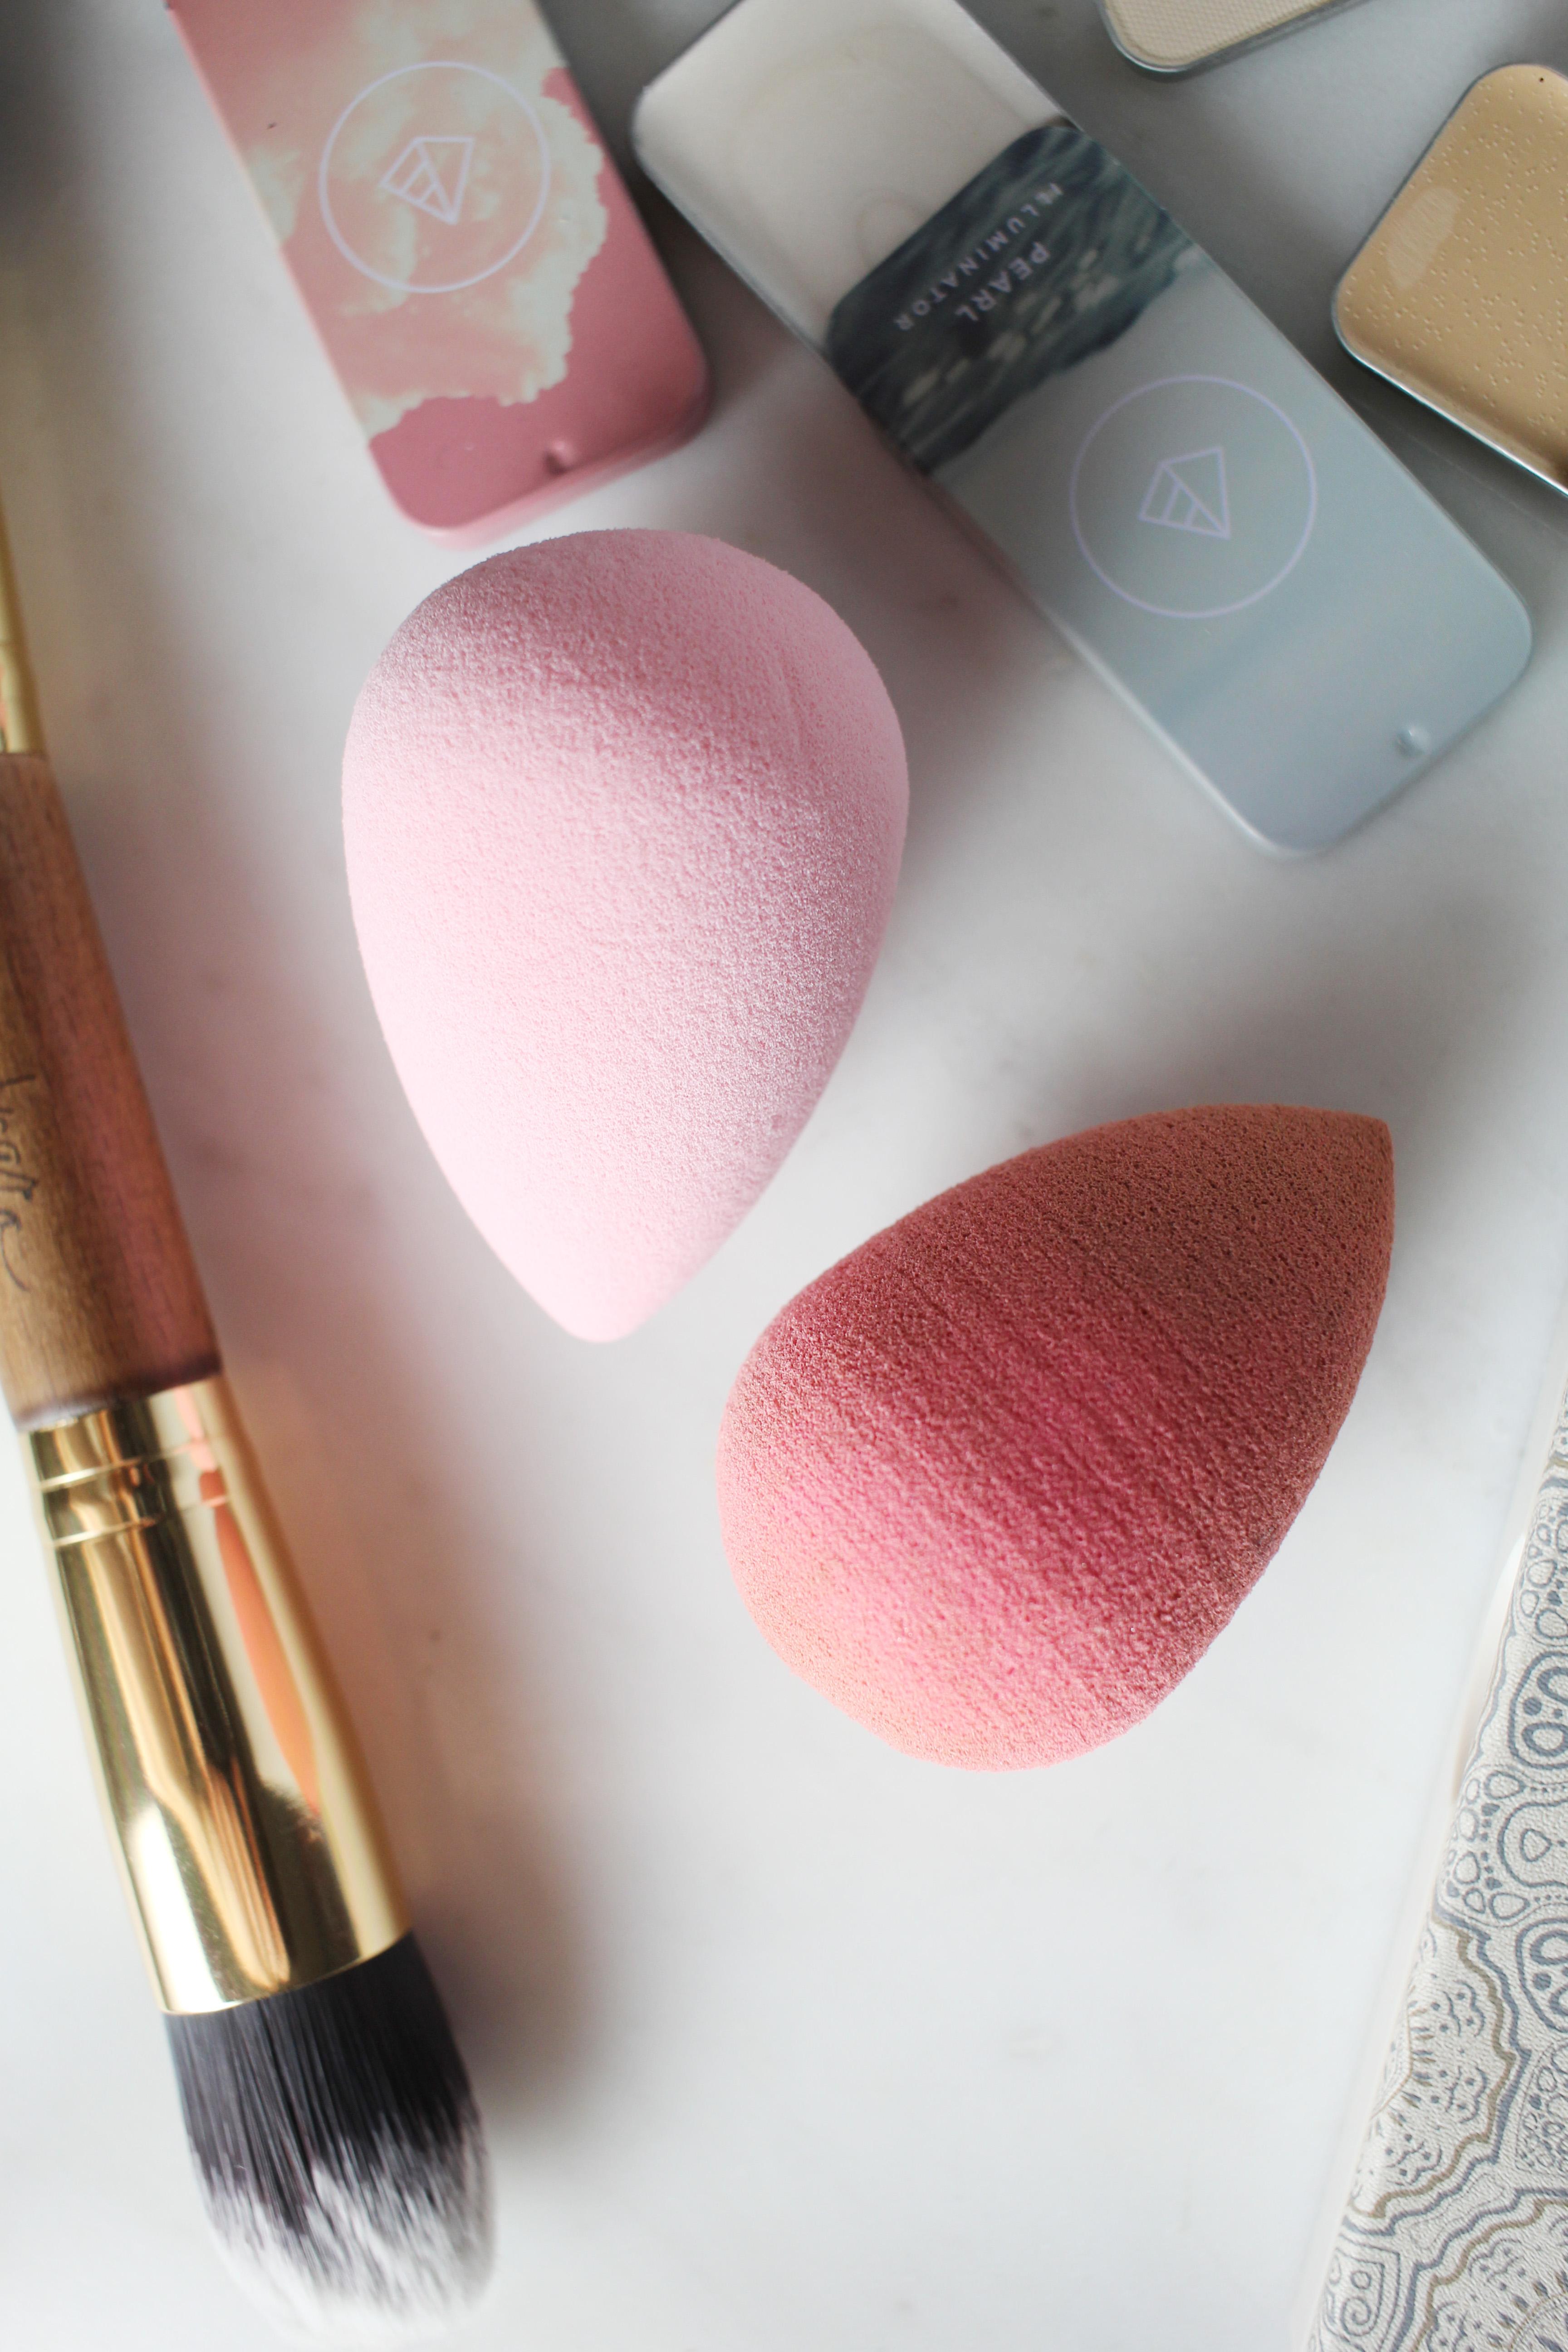 Maskcara IIID Perfector vs. Beauty Blender | Maskcara Beauty Hits and Misses